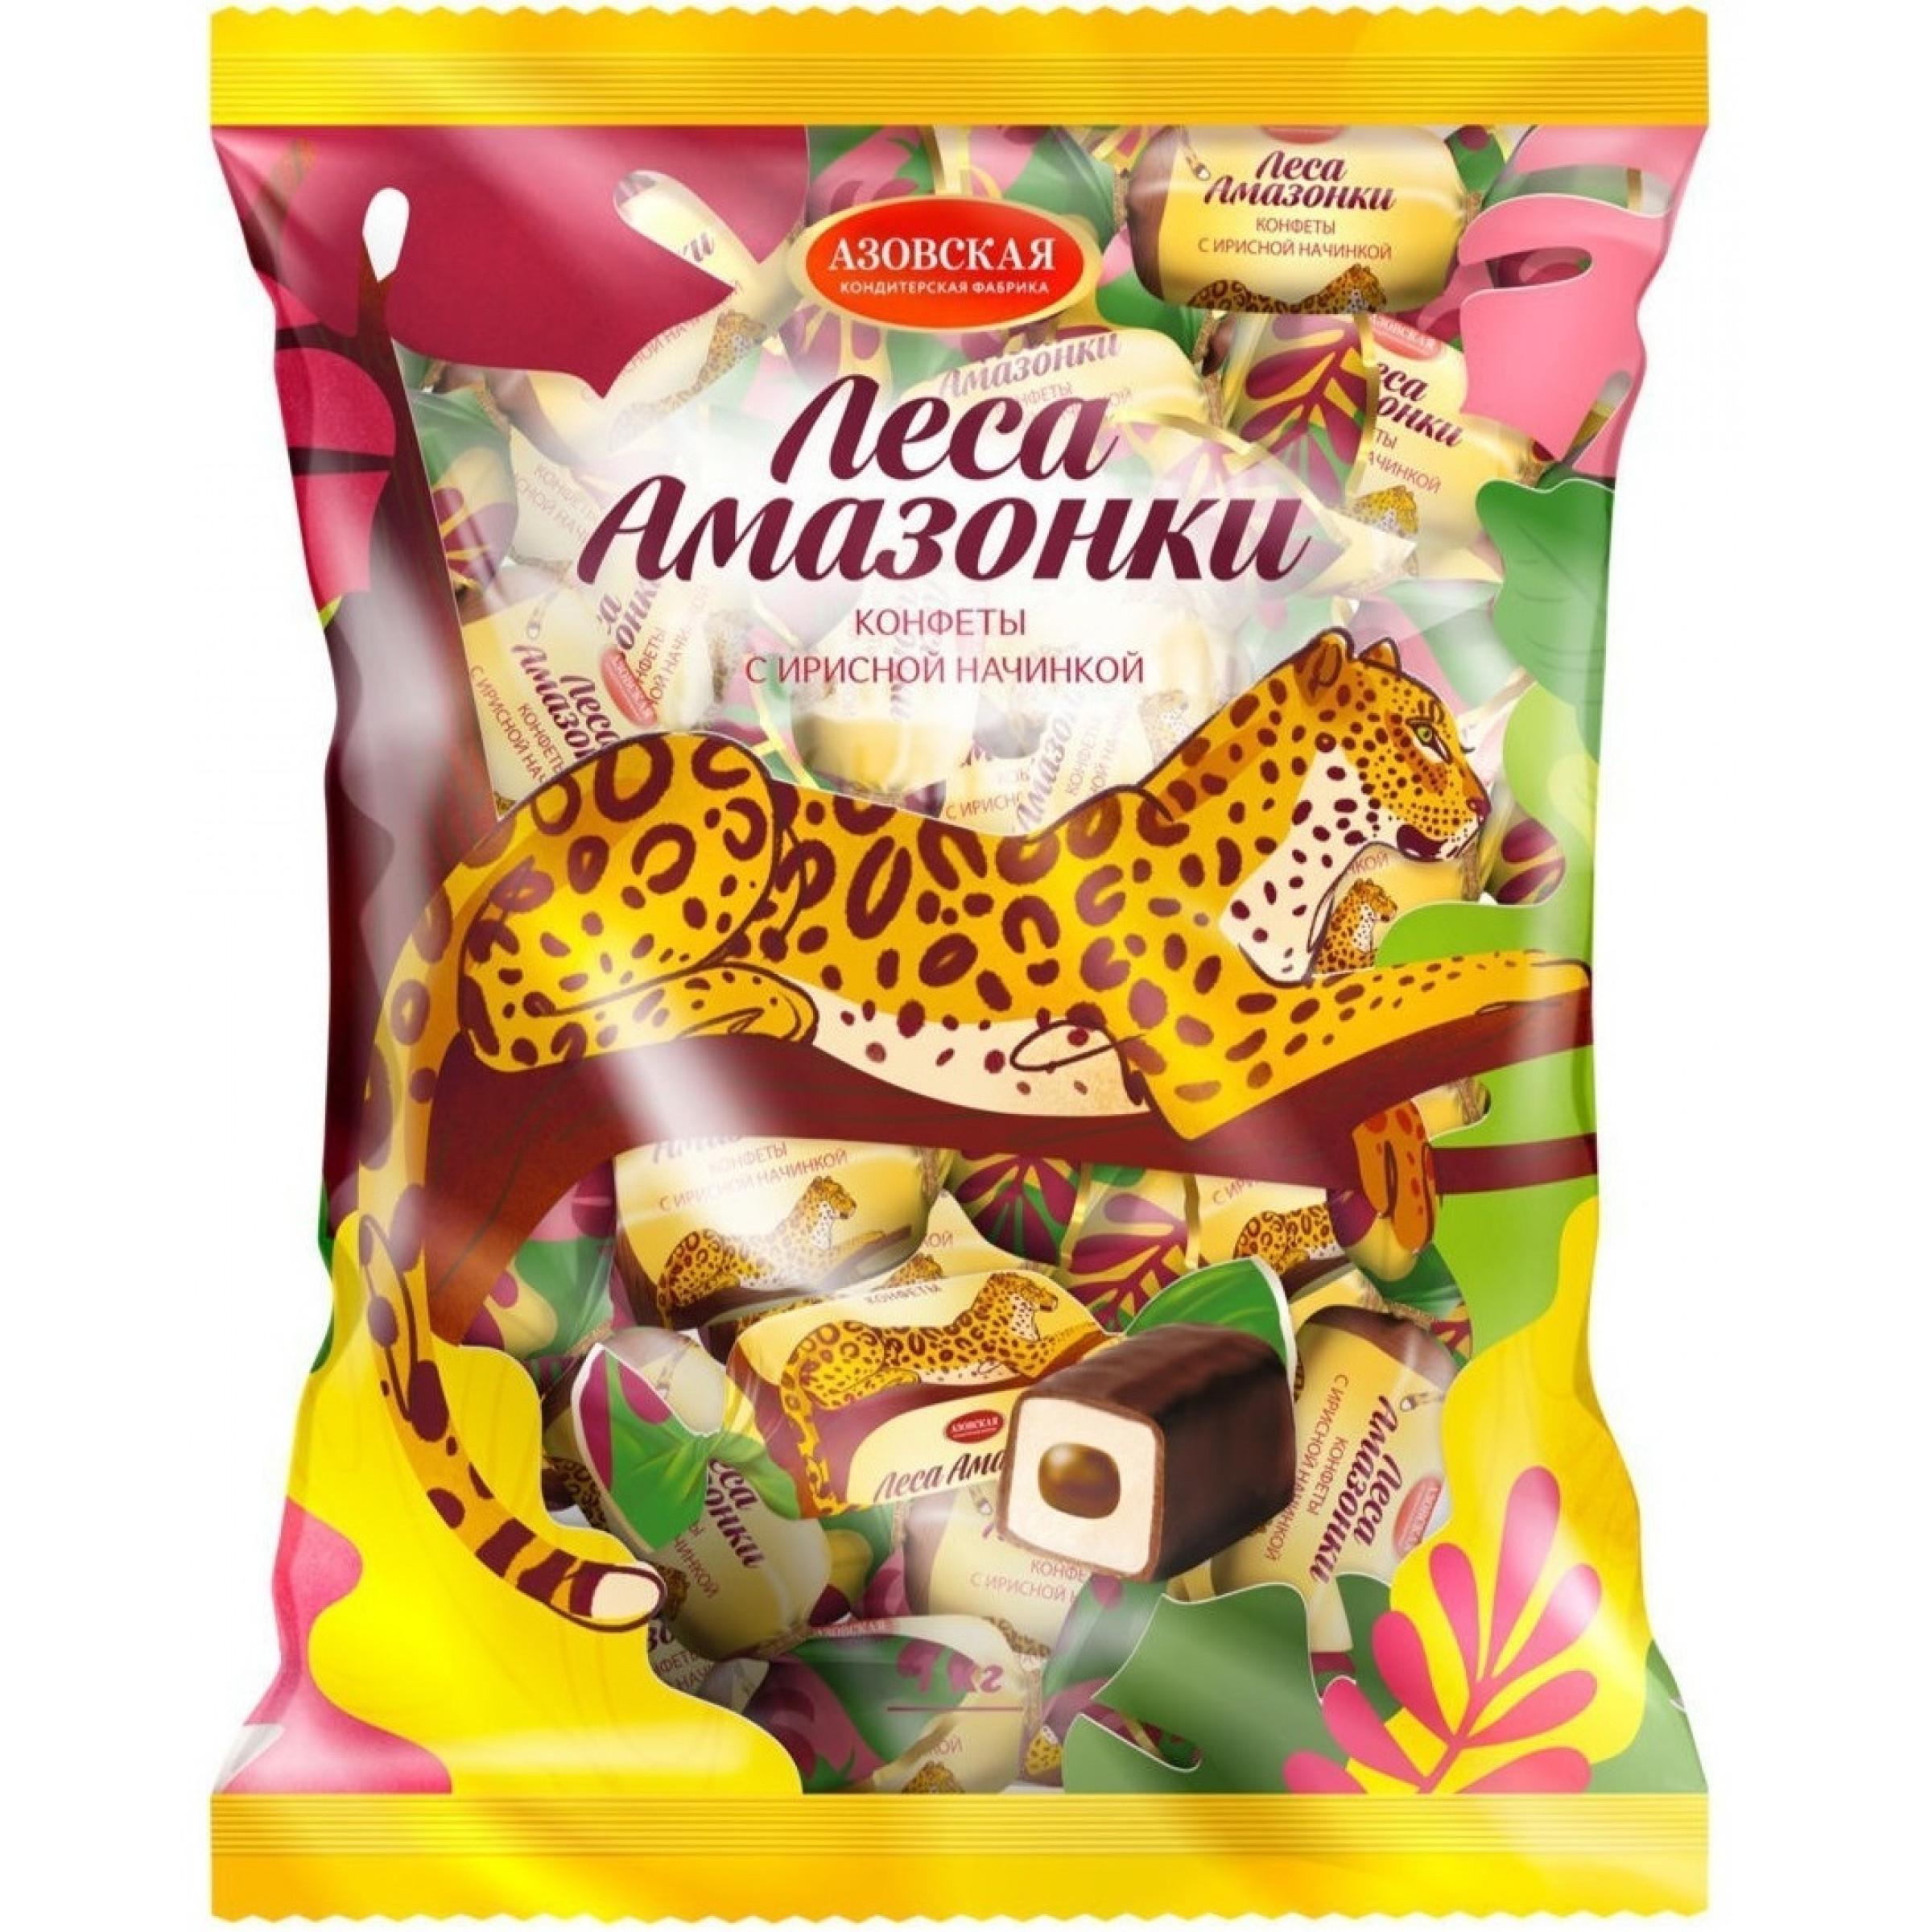 Конфеты помадные с ирисной начинкой глазированные Леса Амазонки, Азовская кондитерская фабрика, 250 гр